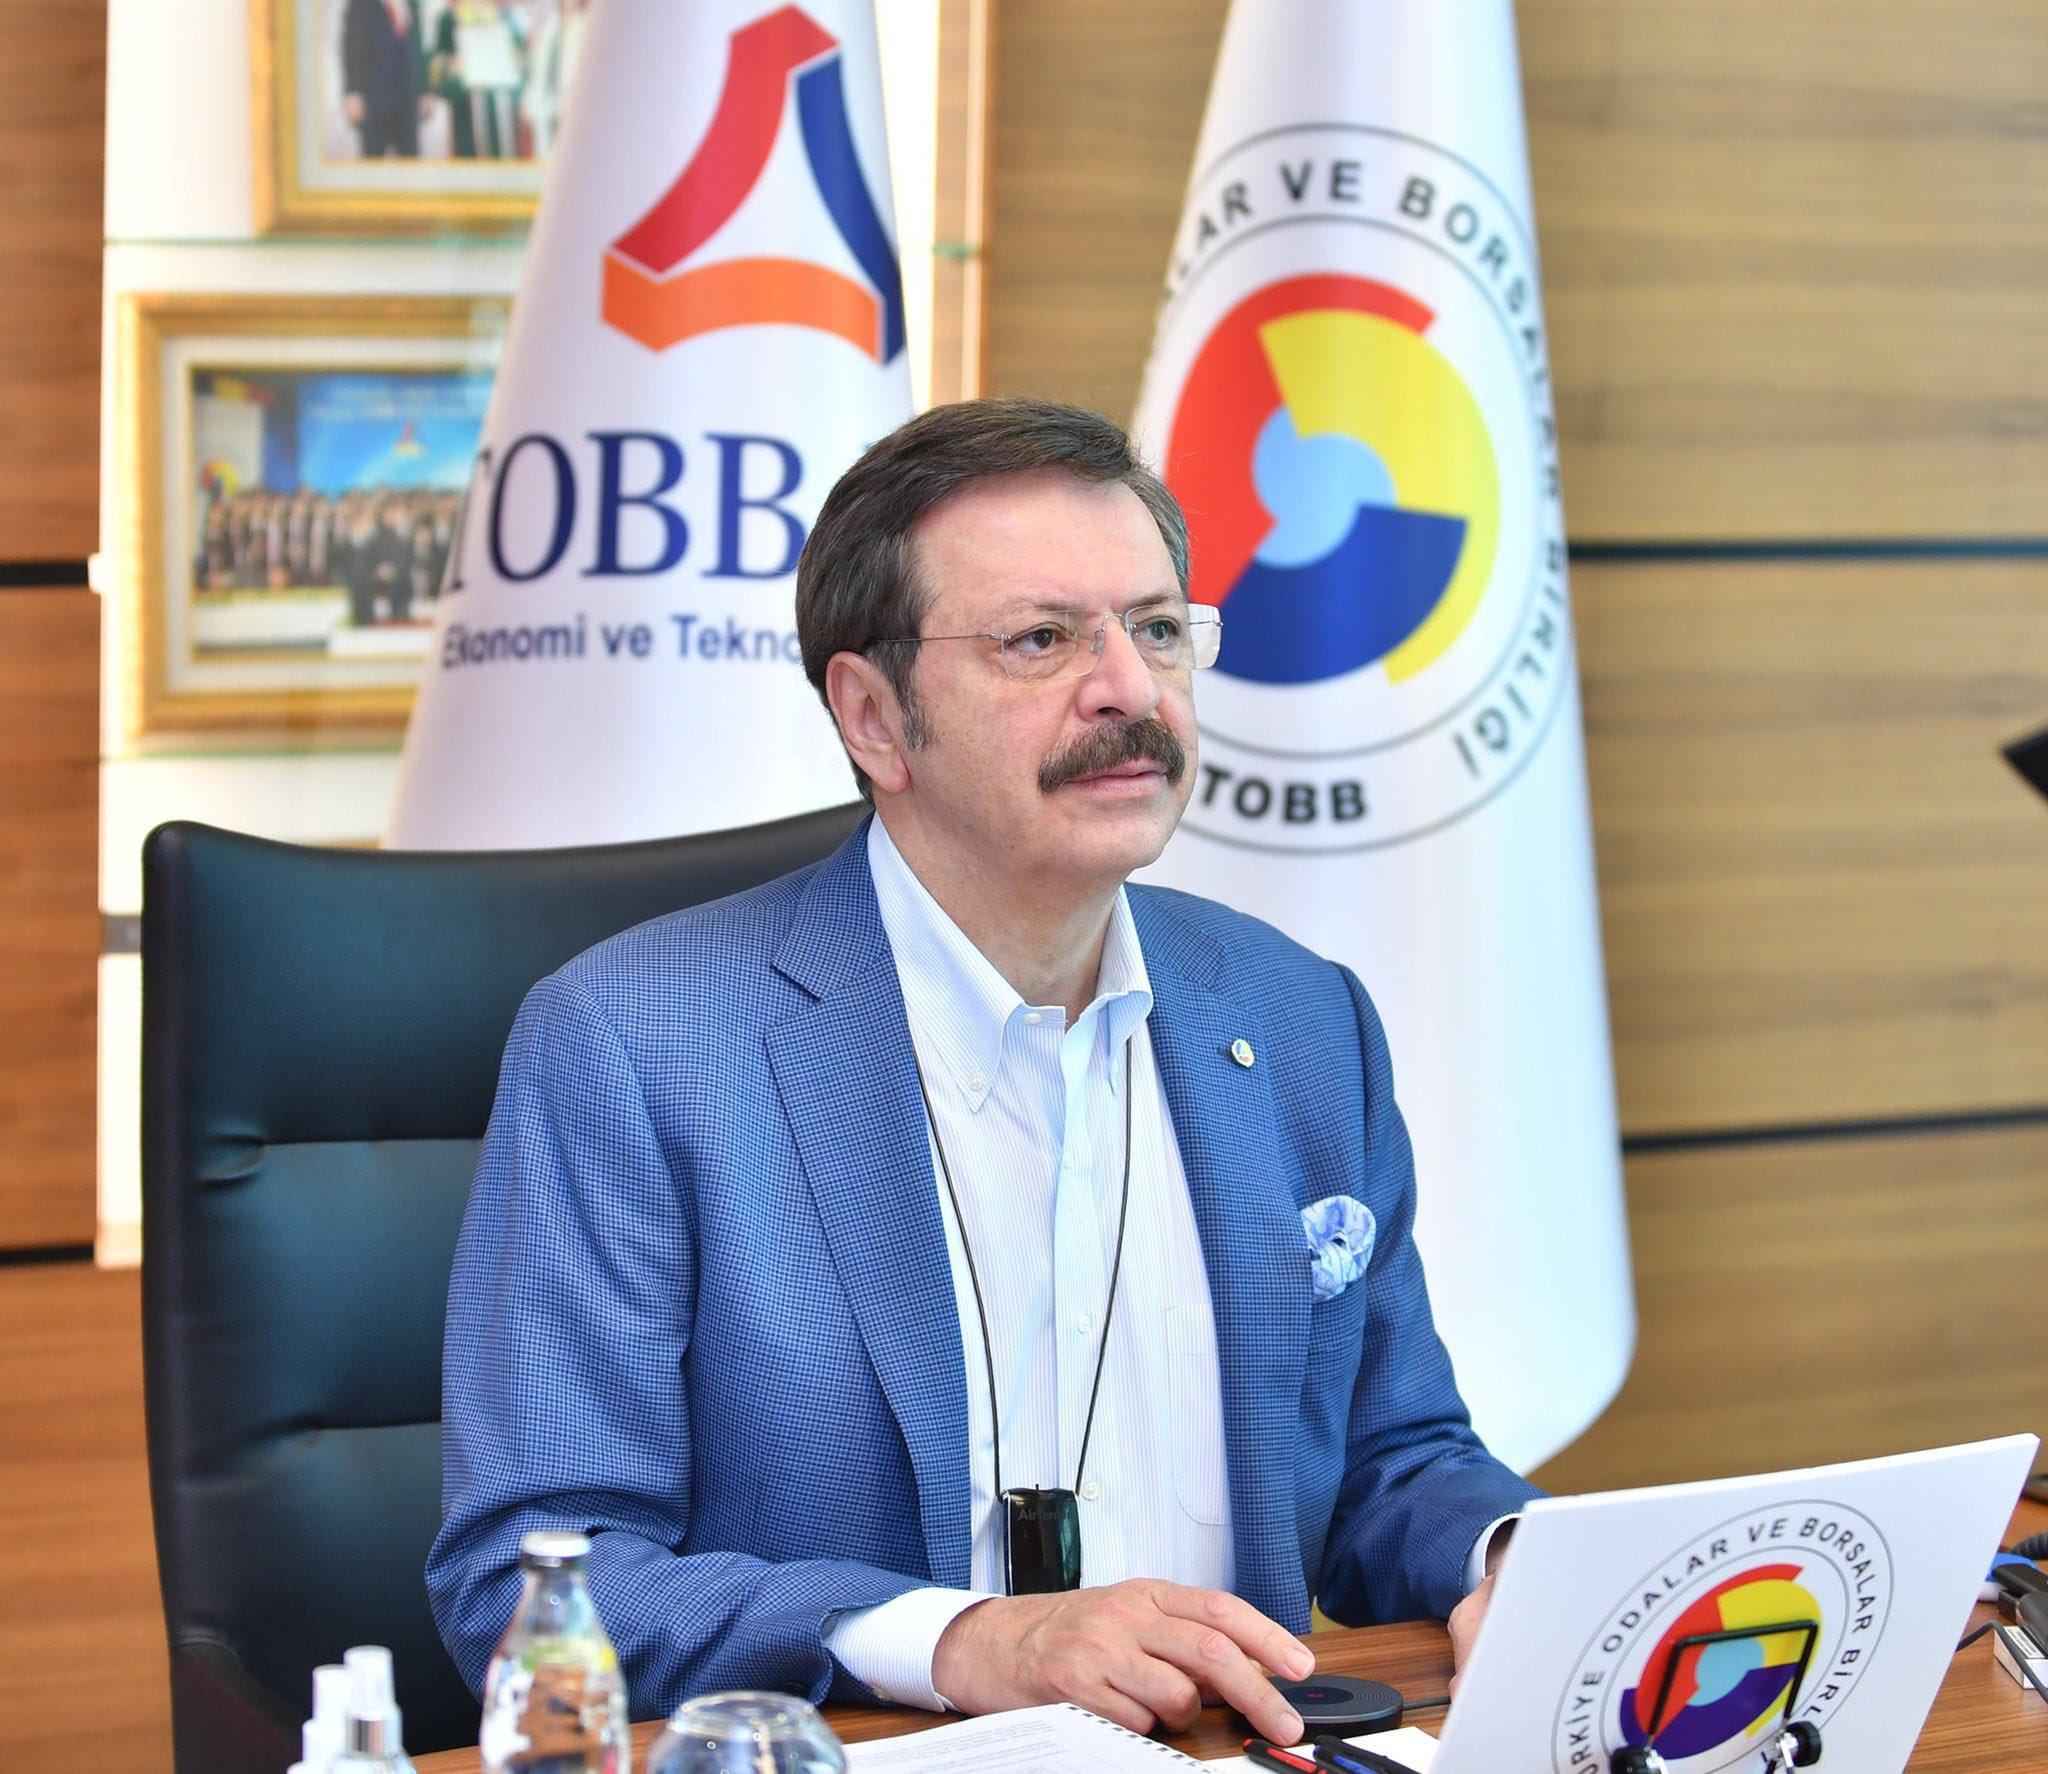 İslam Ticaret Sanayi ve Tarım Odası Genel Kurulu'nda yeniden Yönetim Kurulu Üyeliğine seçilen TOBB Başkanımız Sn. M. Rifat HİSARCIKLIOĞLU'nu gönülden tebrik ediyor, hayırlı olmasını diliyoruz.